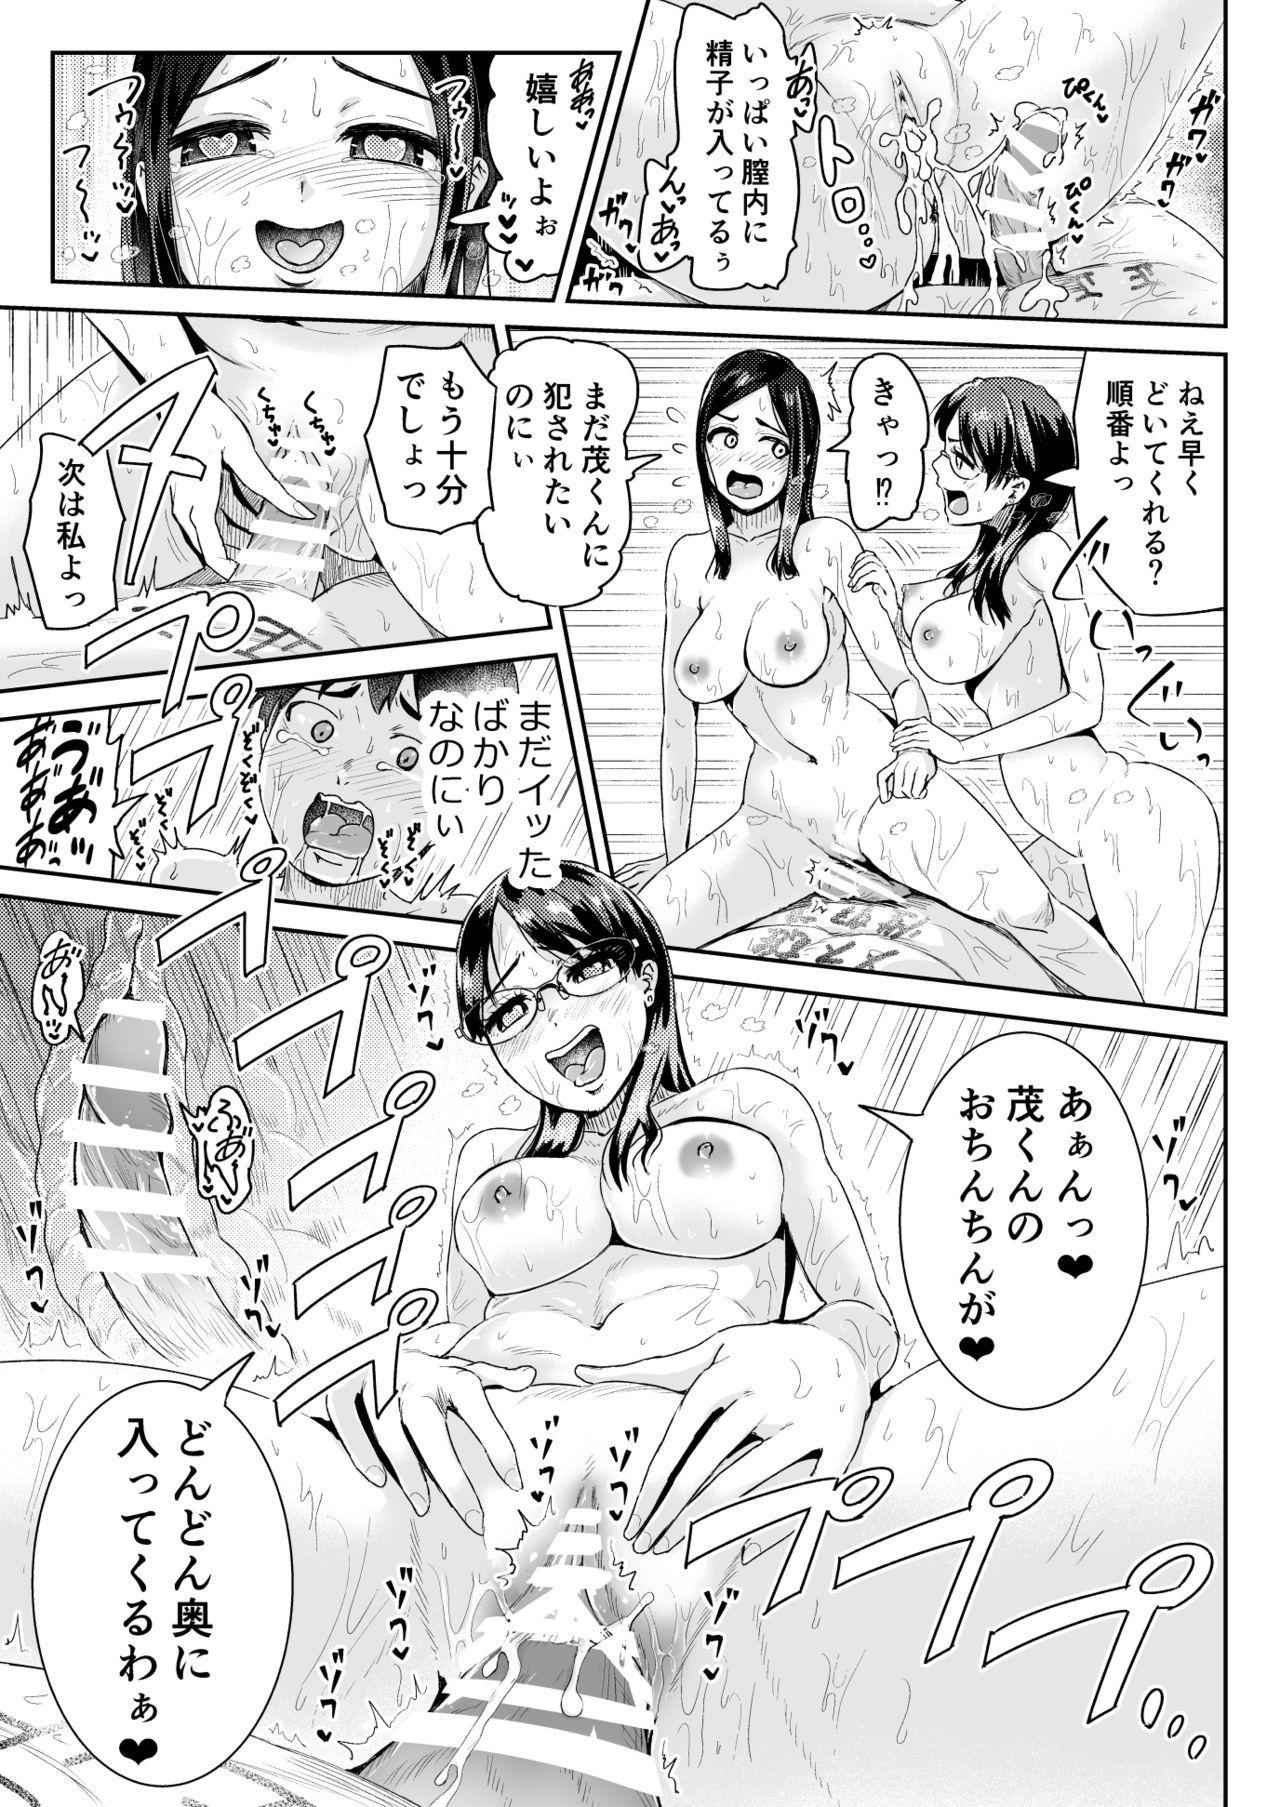 Doutei no Ore o Yuuwaku suru Ecchi na Joshi-tachi!? 12 15